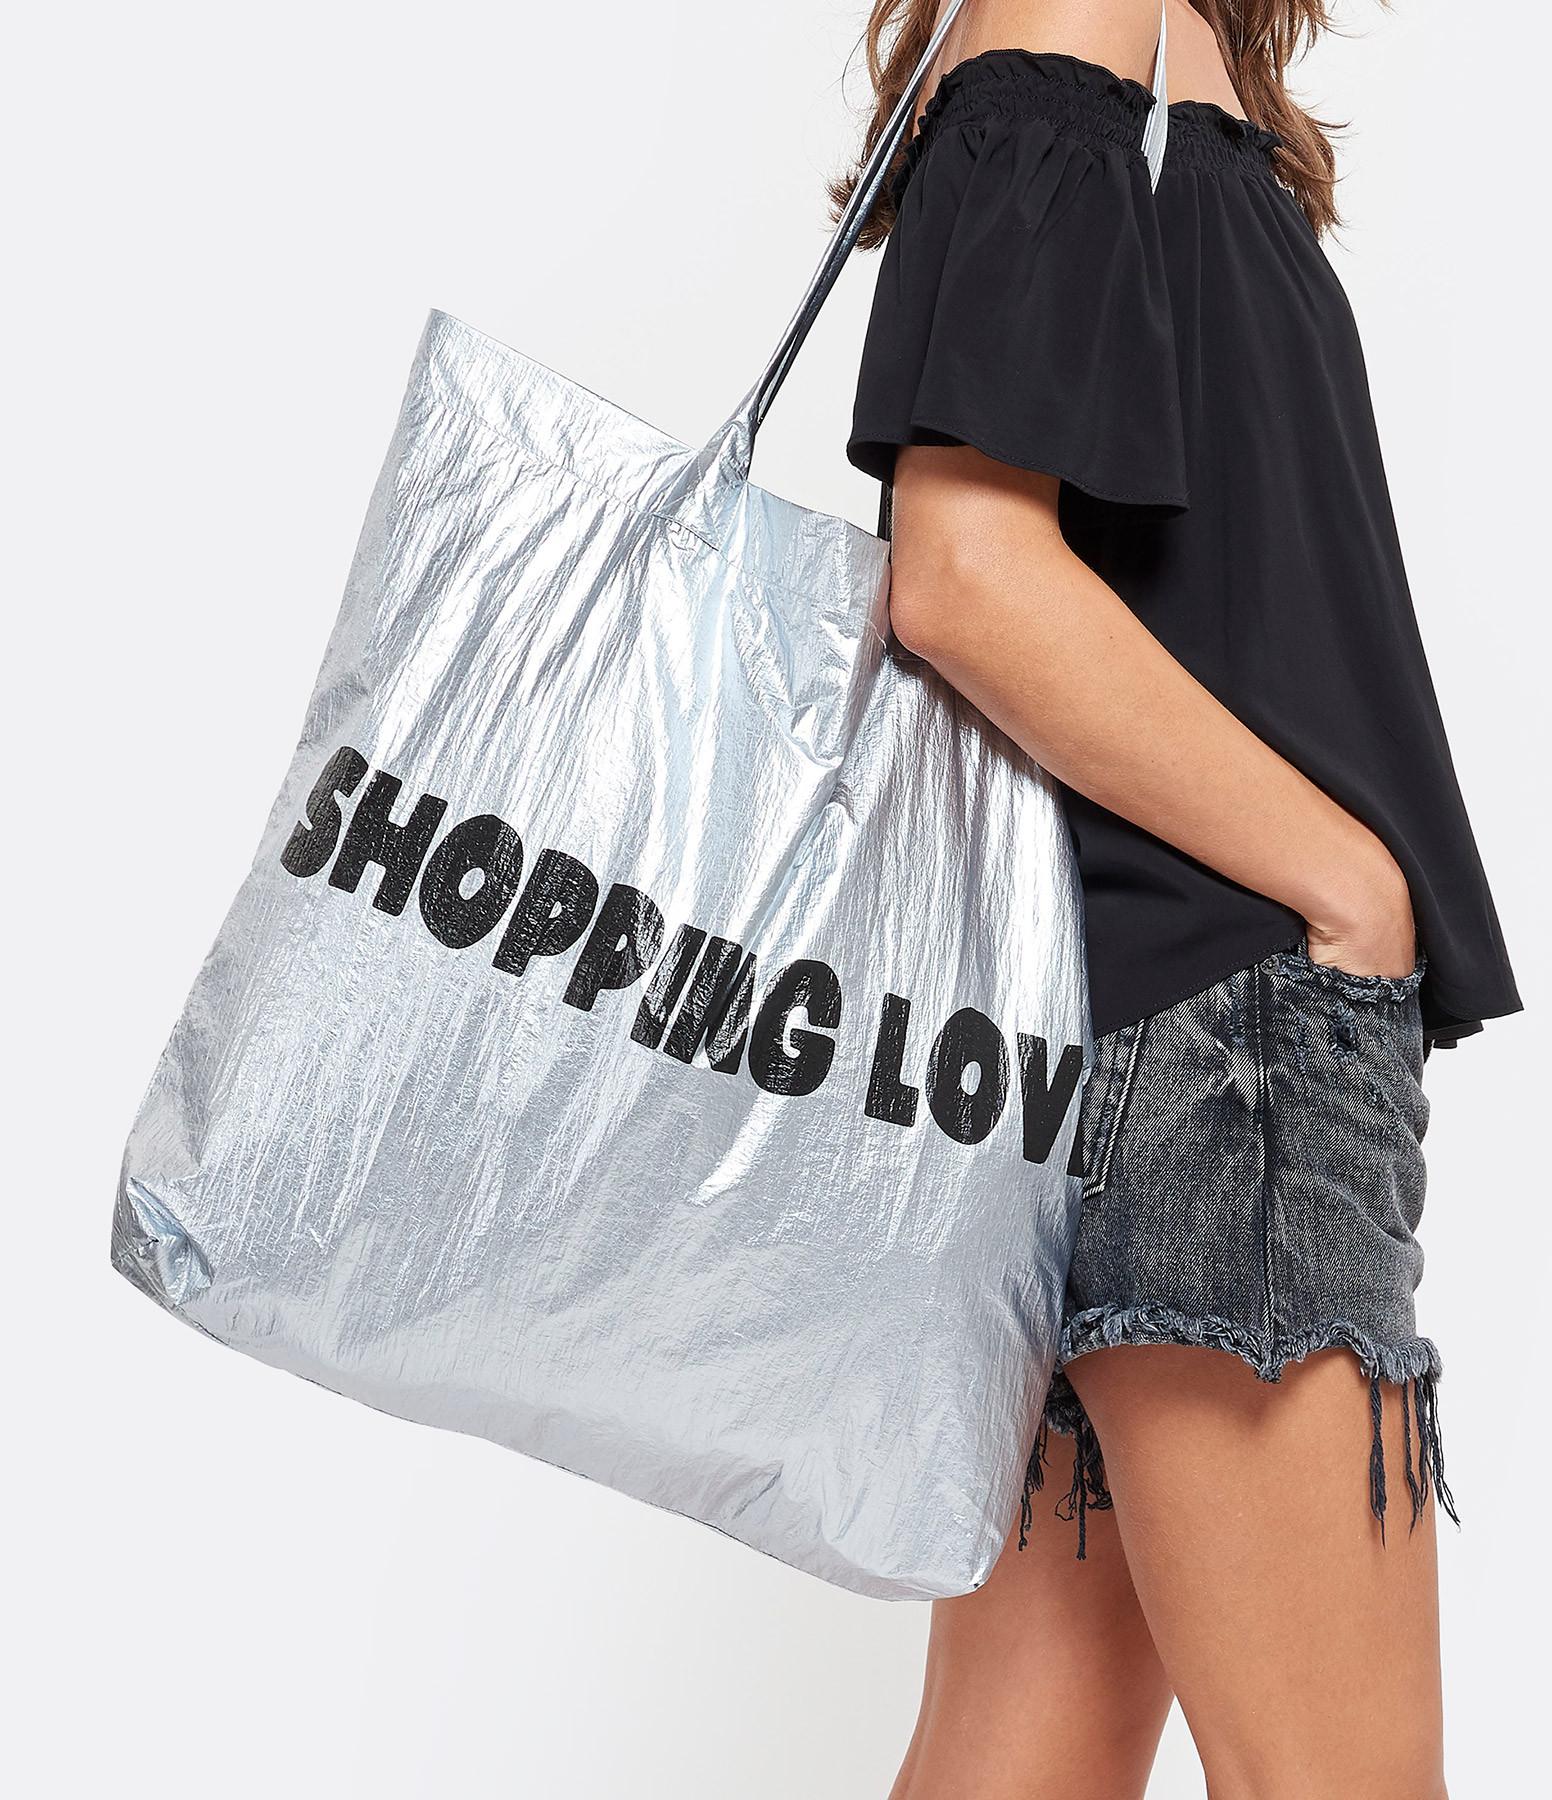 JEANNE VOULAND - Cabas Shopping Love Argenté Noir